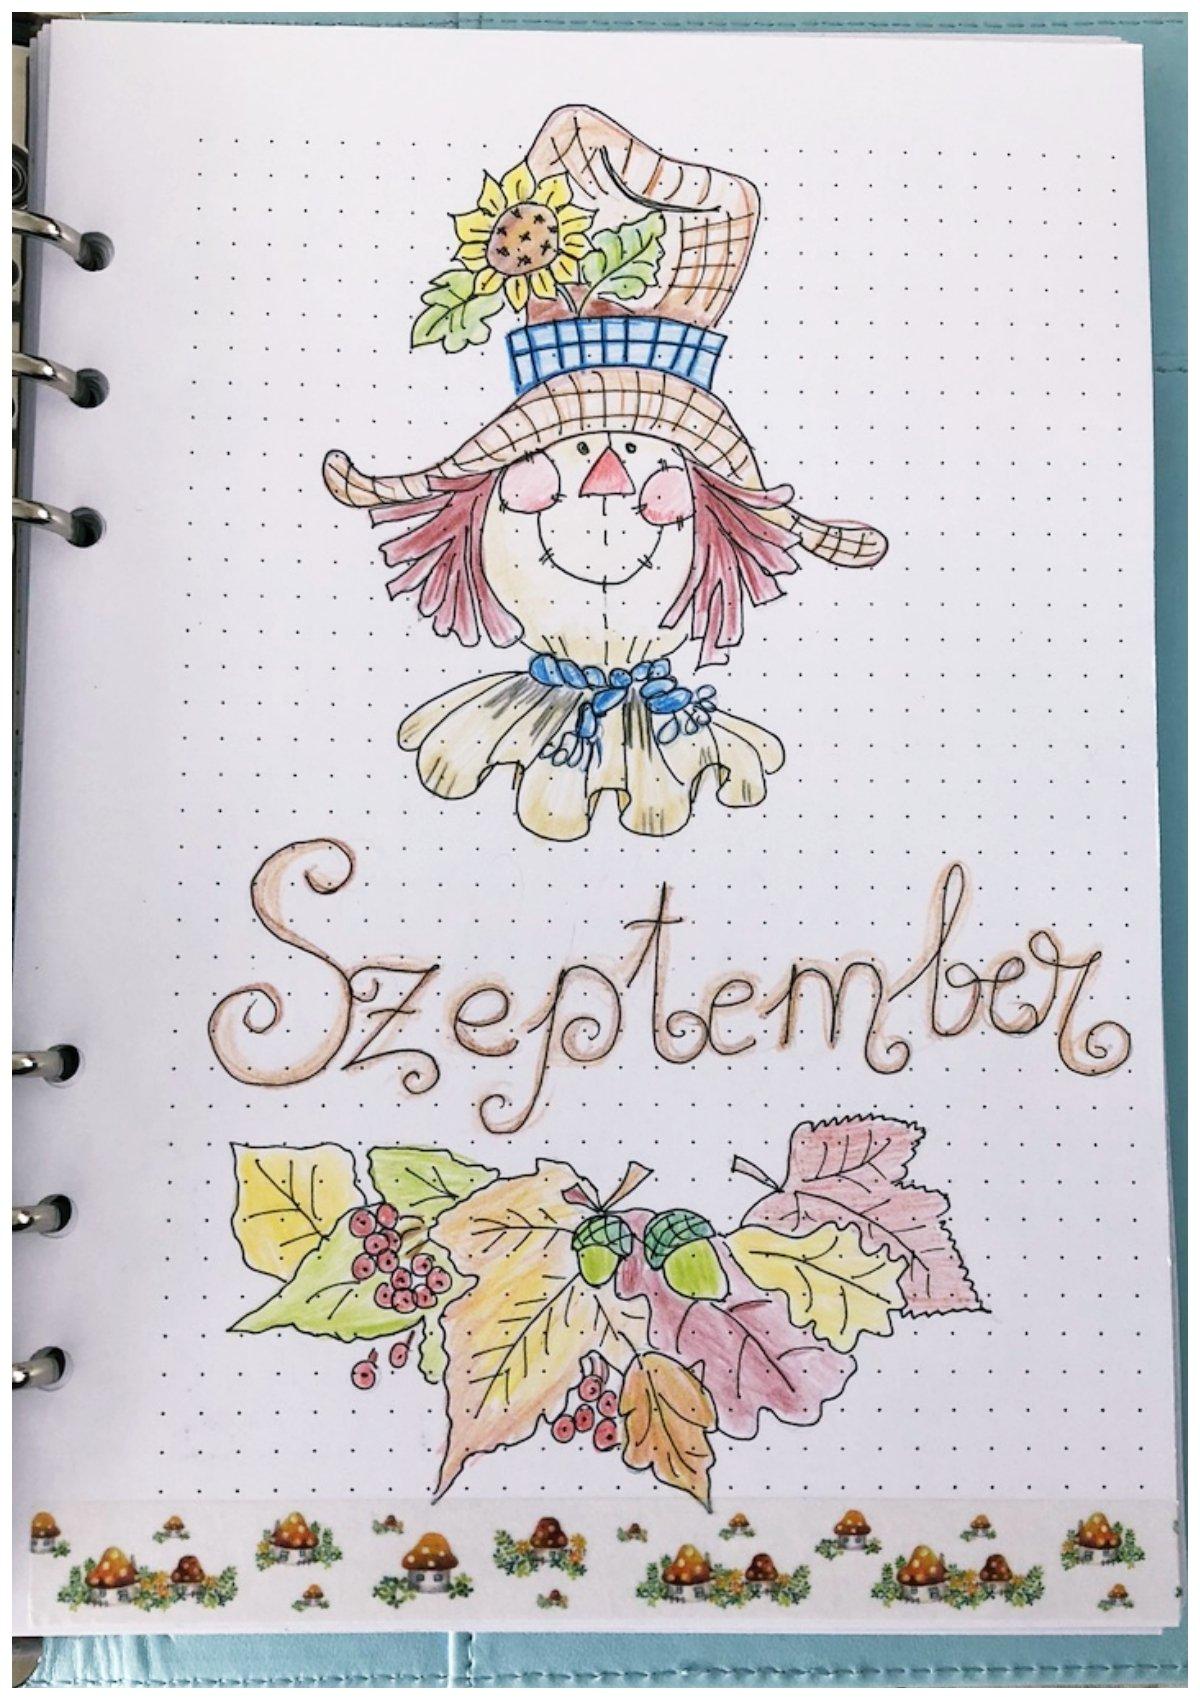 Bullet journal monthly cover September - itstartswithacoffee.com #bulletjournal #bulletjournaling #monthlyplanner #monthlycover #coverpages #September #bujo